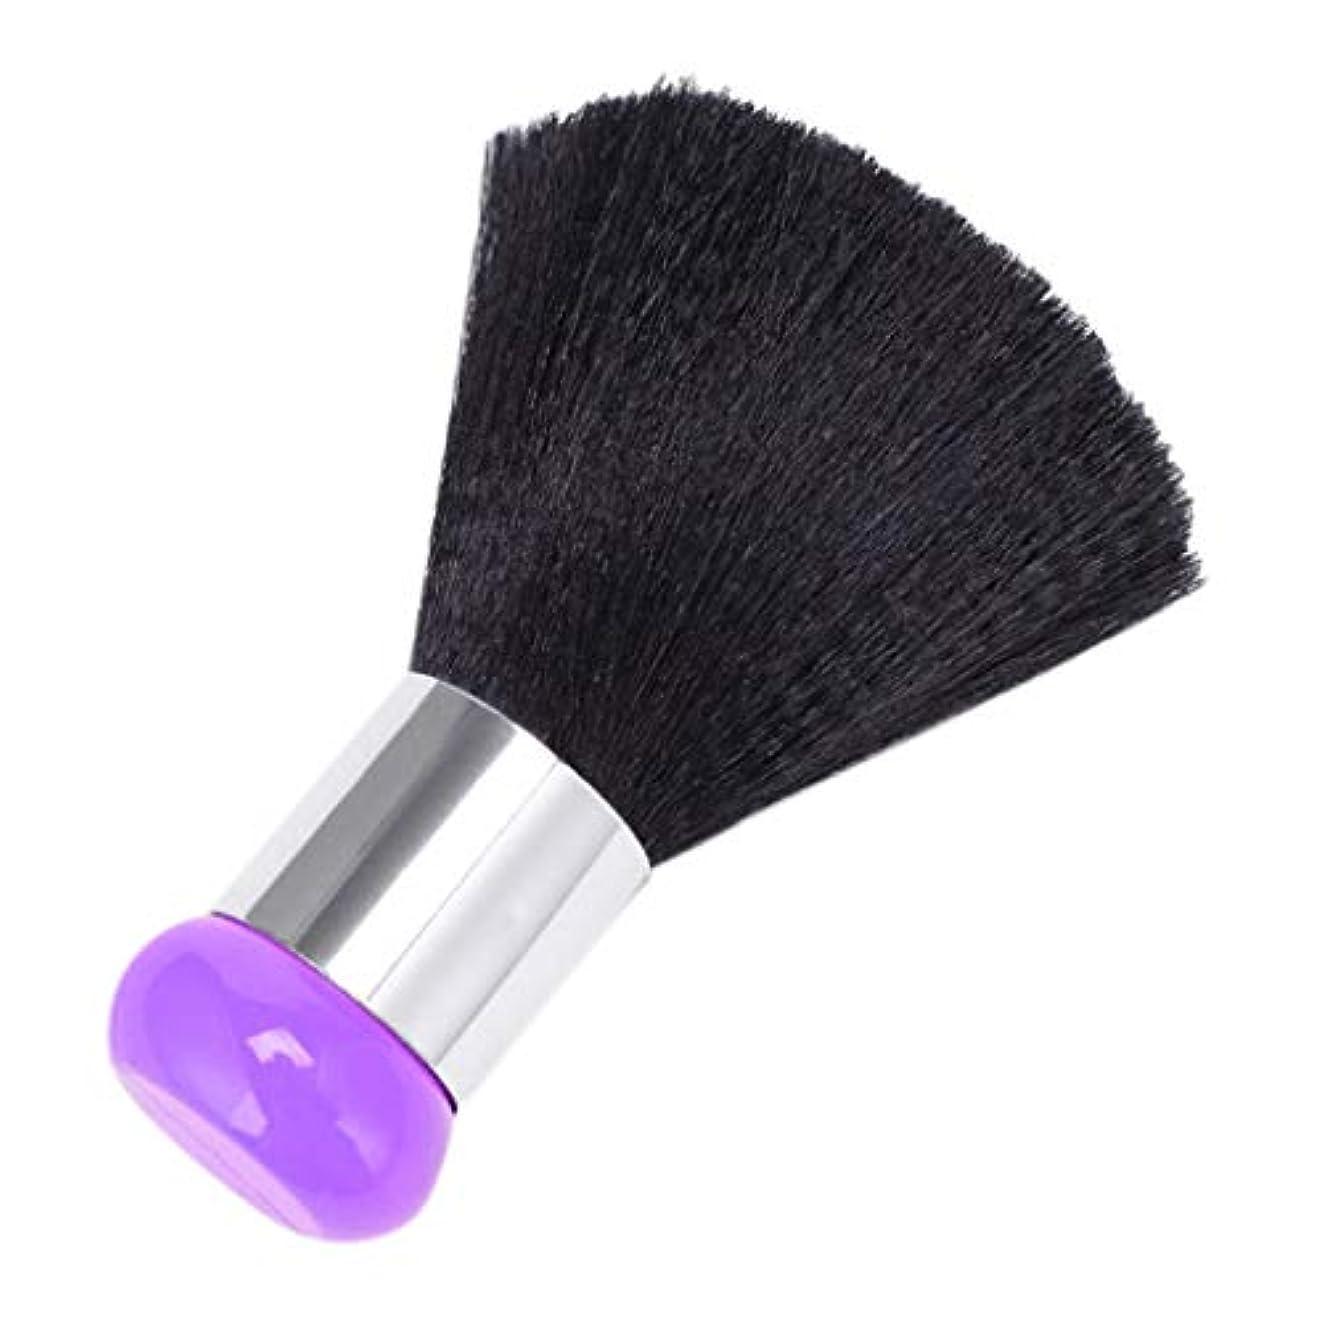 プレーヤー誠実さパイヘアカット ネックダスタークリーナー ヘアブラシ サロンツール 2色選べ - 紫